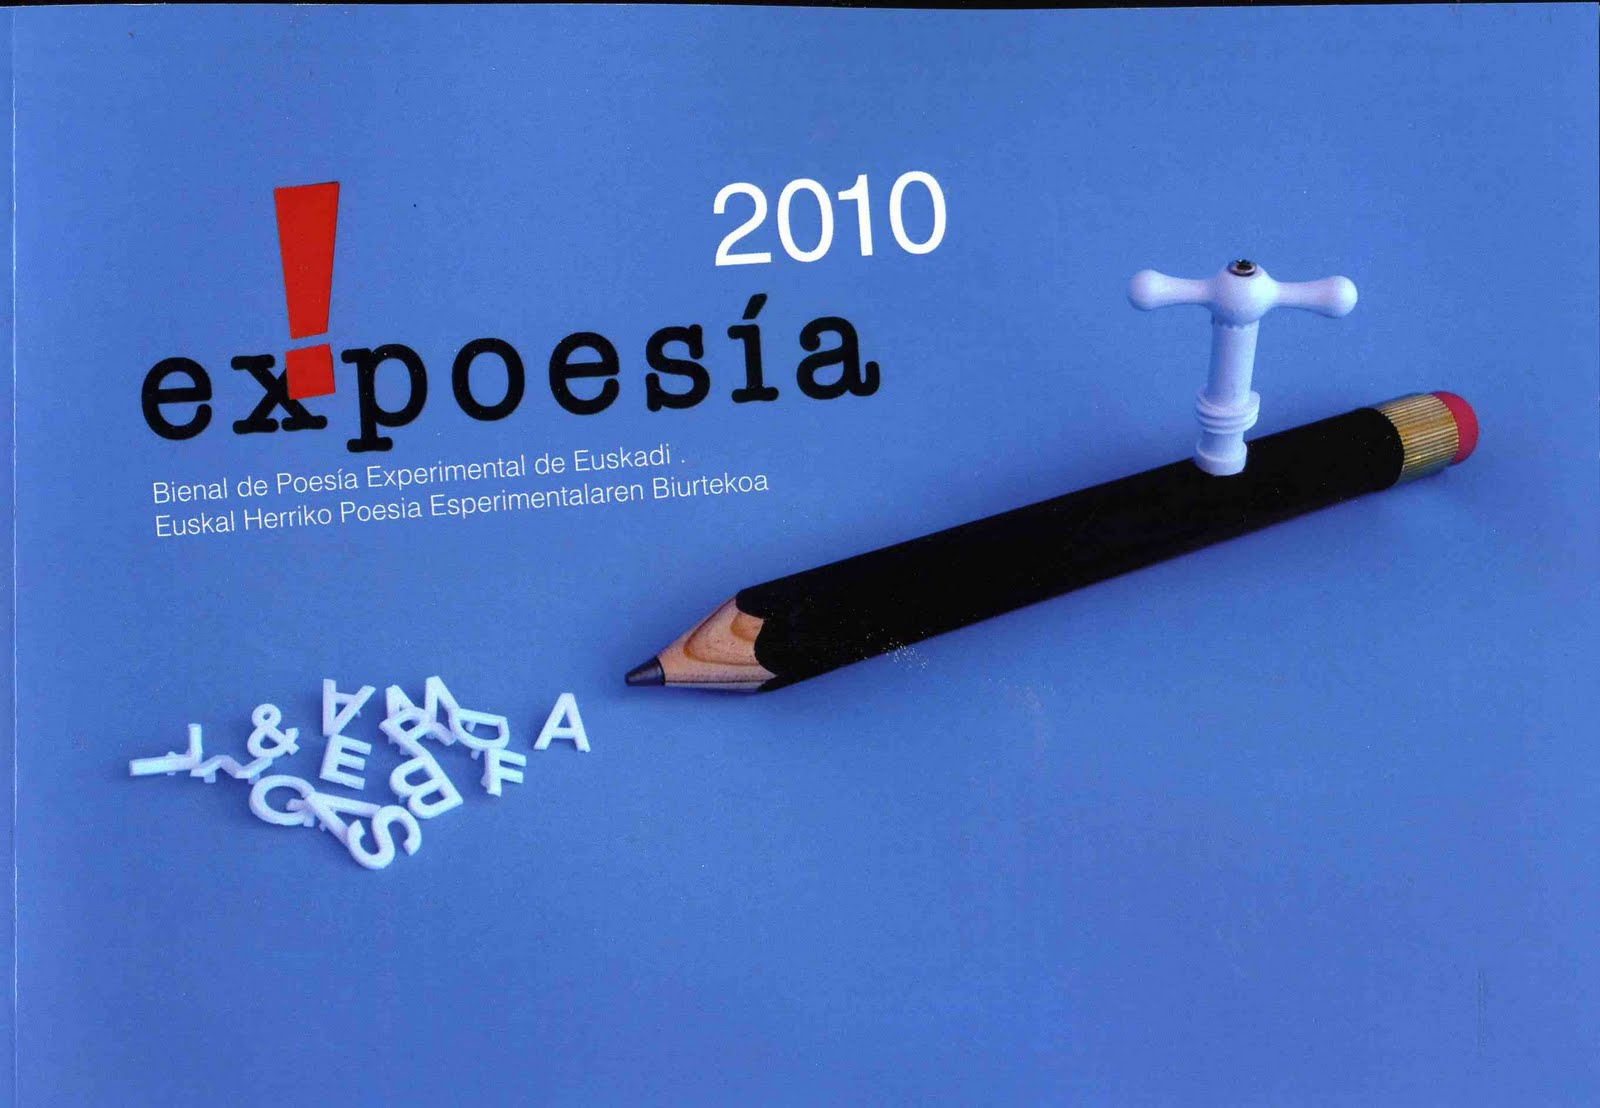 EX! POESÍA 2010